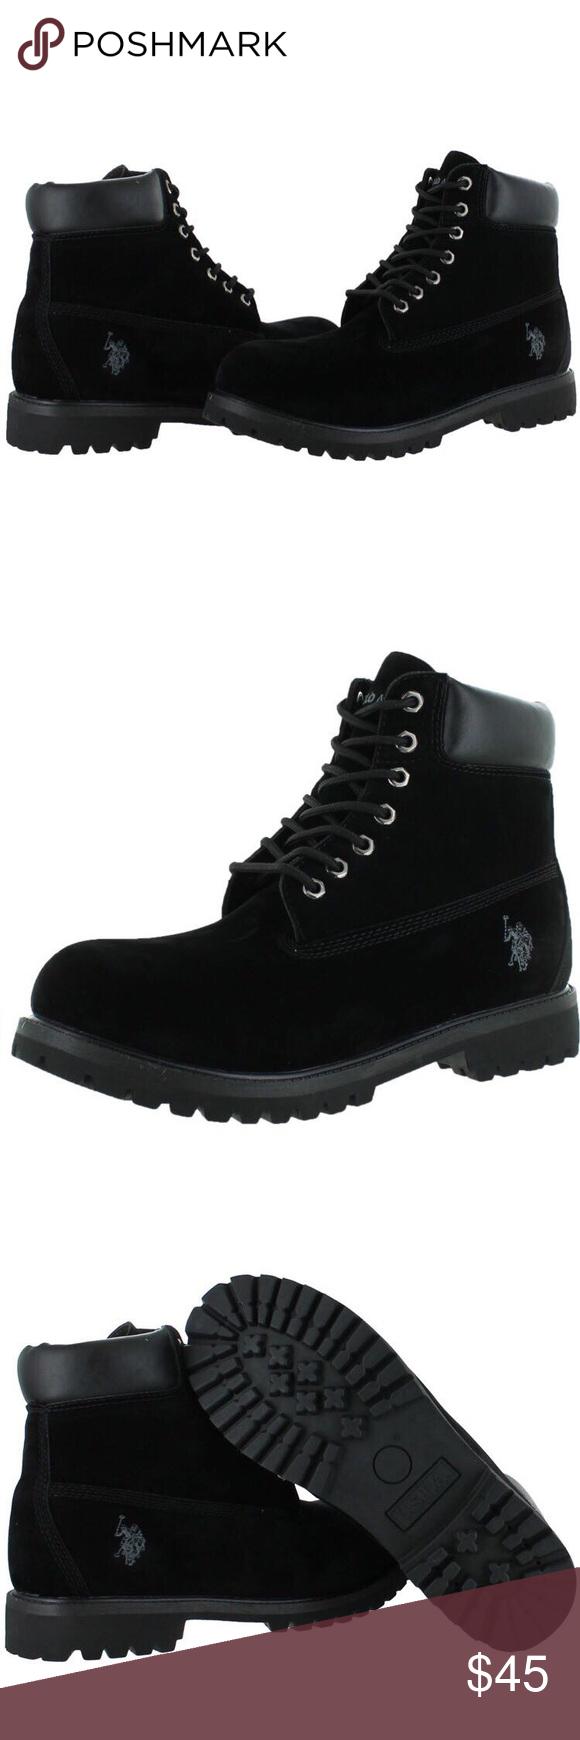 Polo Assn. Boots Brand new USPA Men